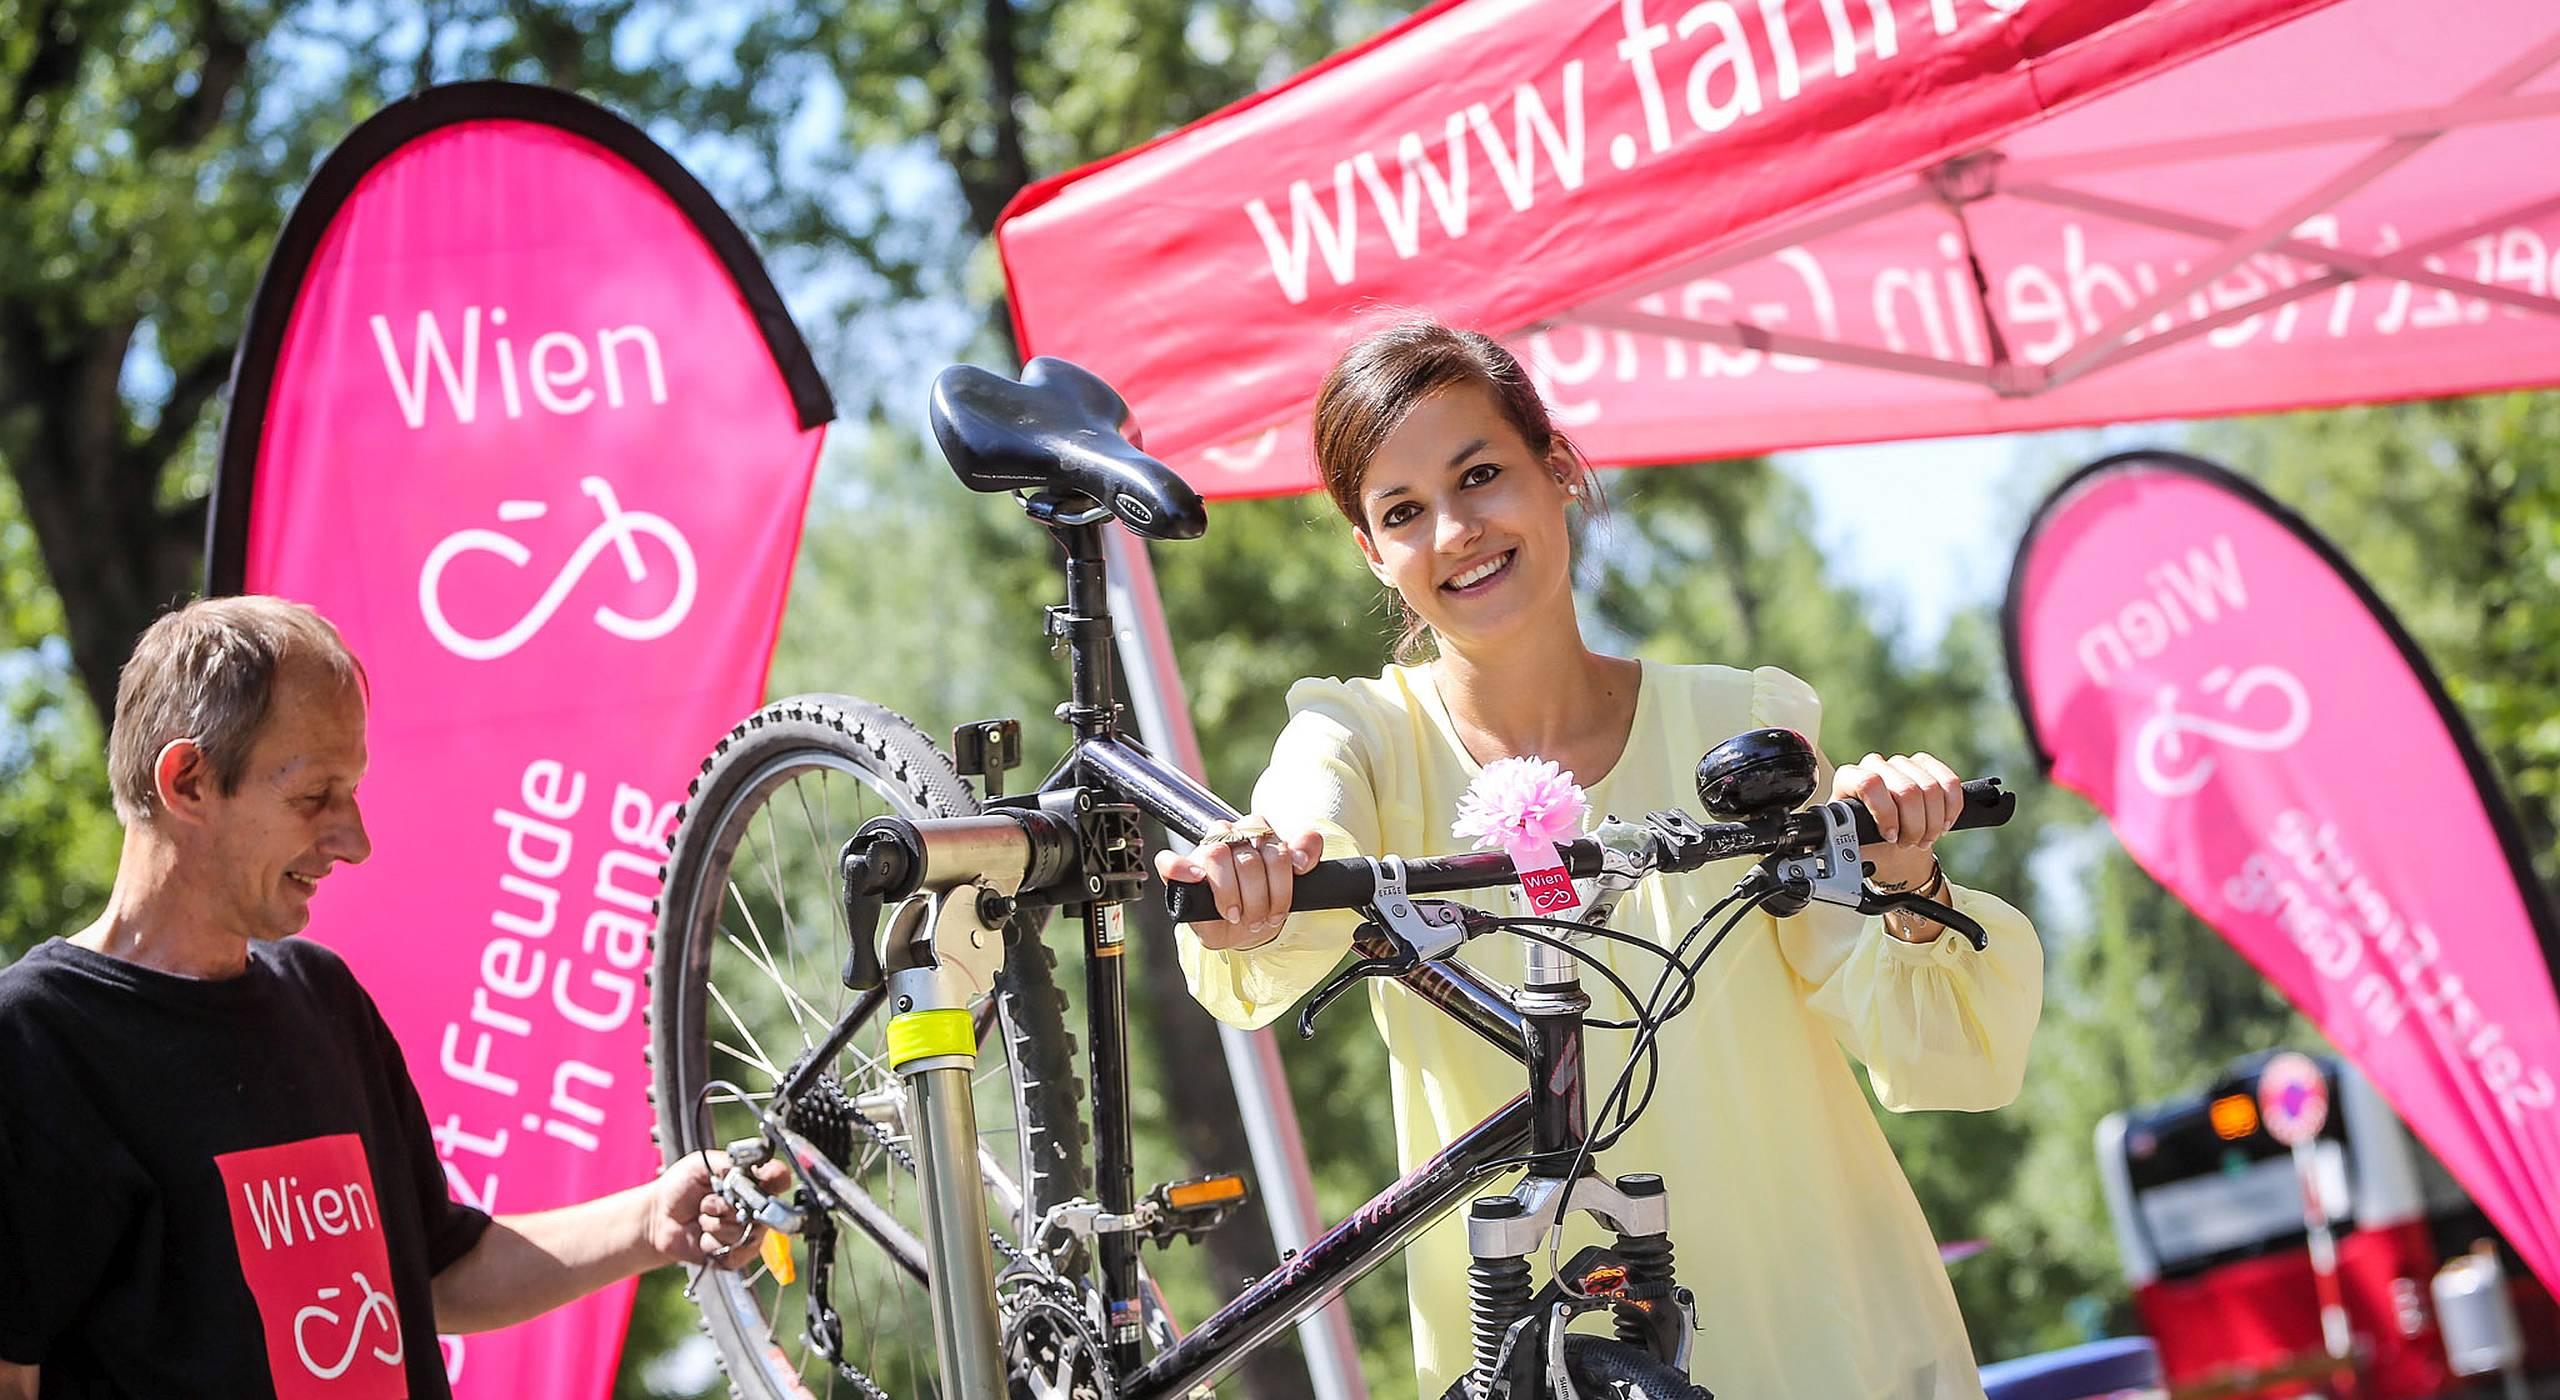 Eine junge Frau freut sich über ihr frisch serviciertes Rad.